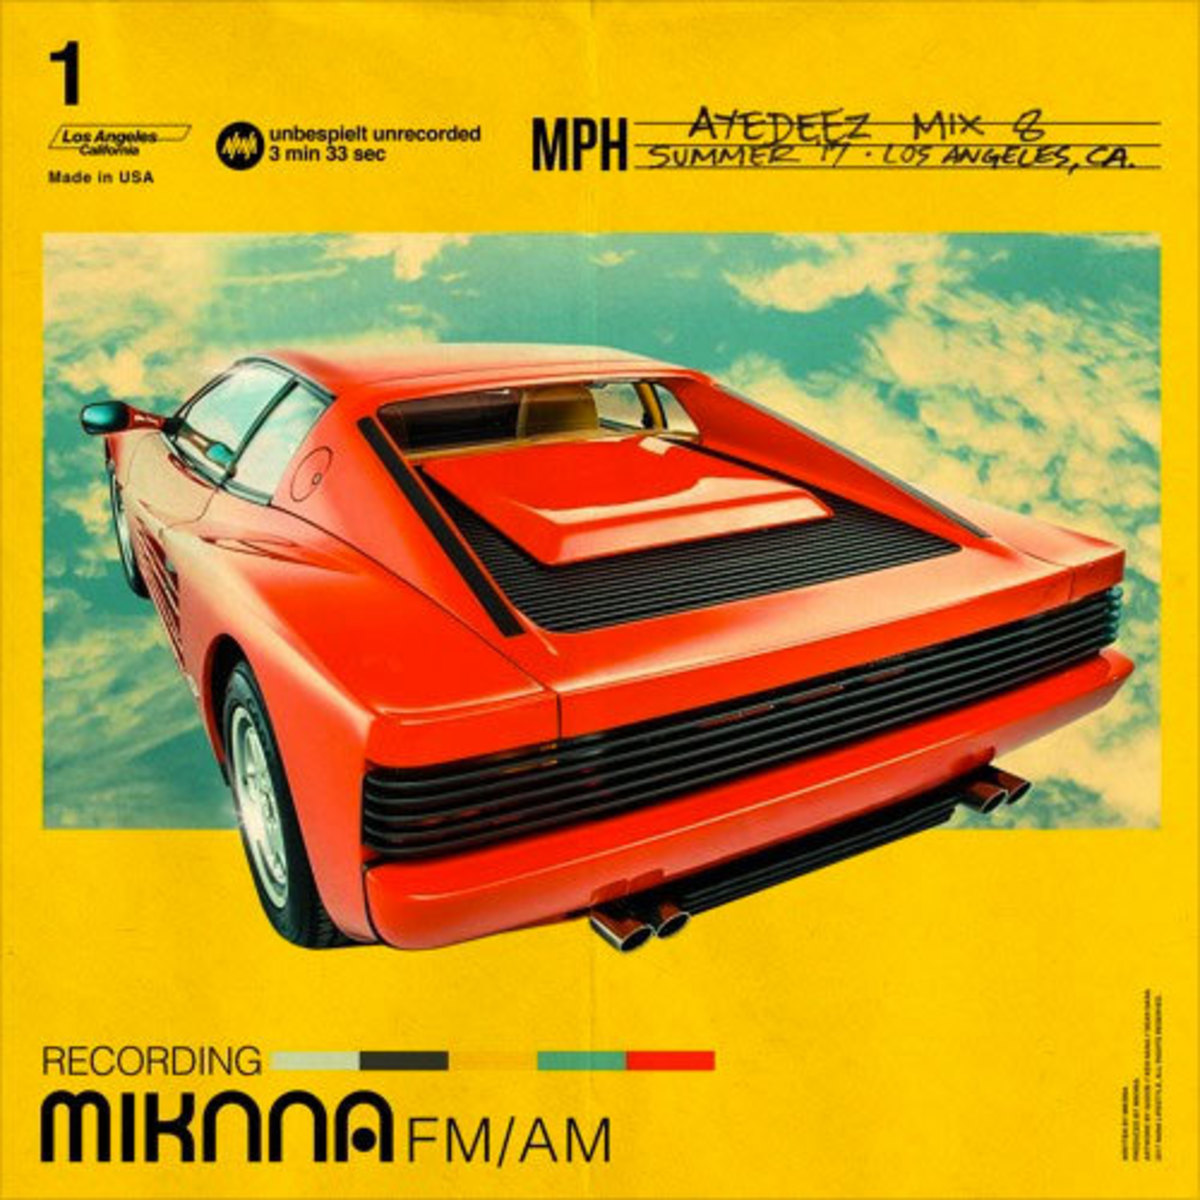 miknna-mph.jpg